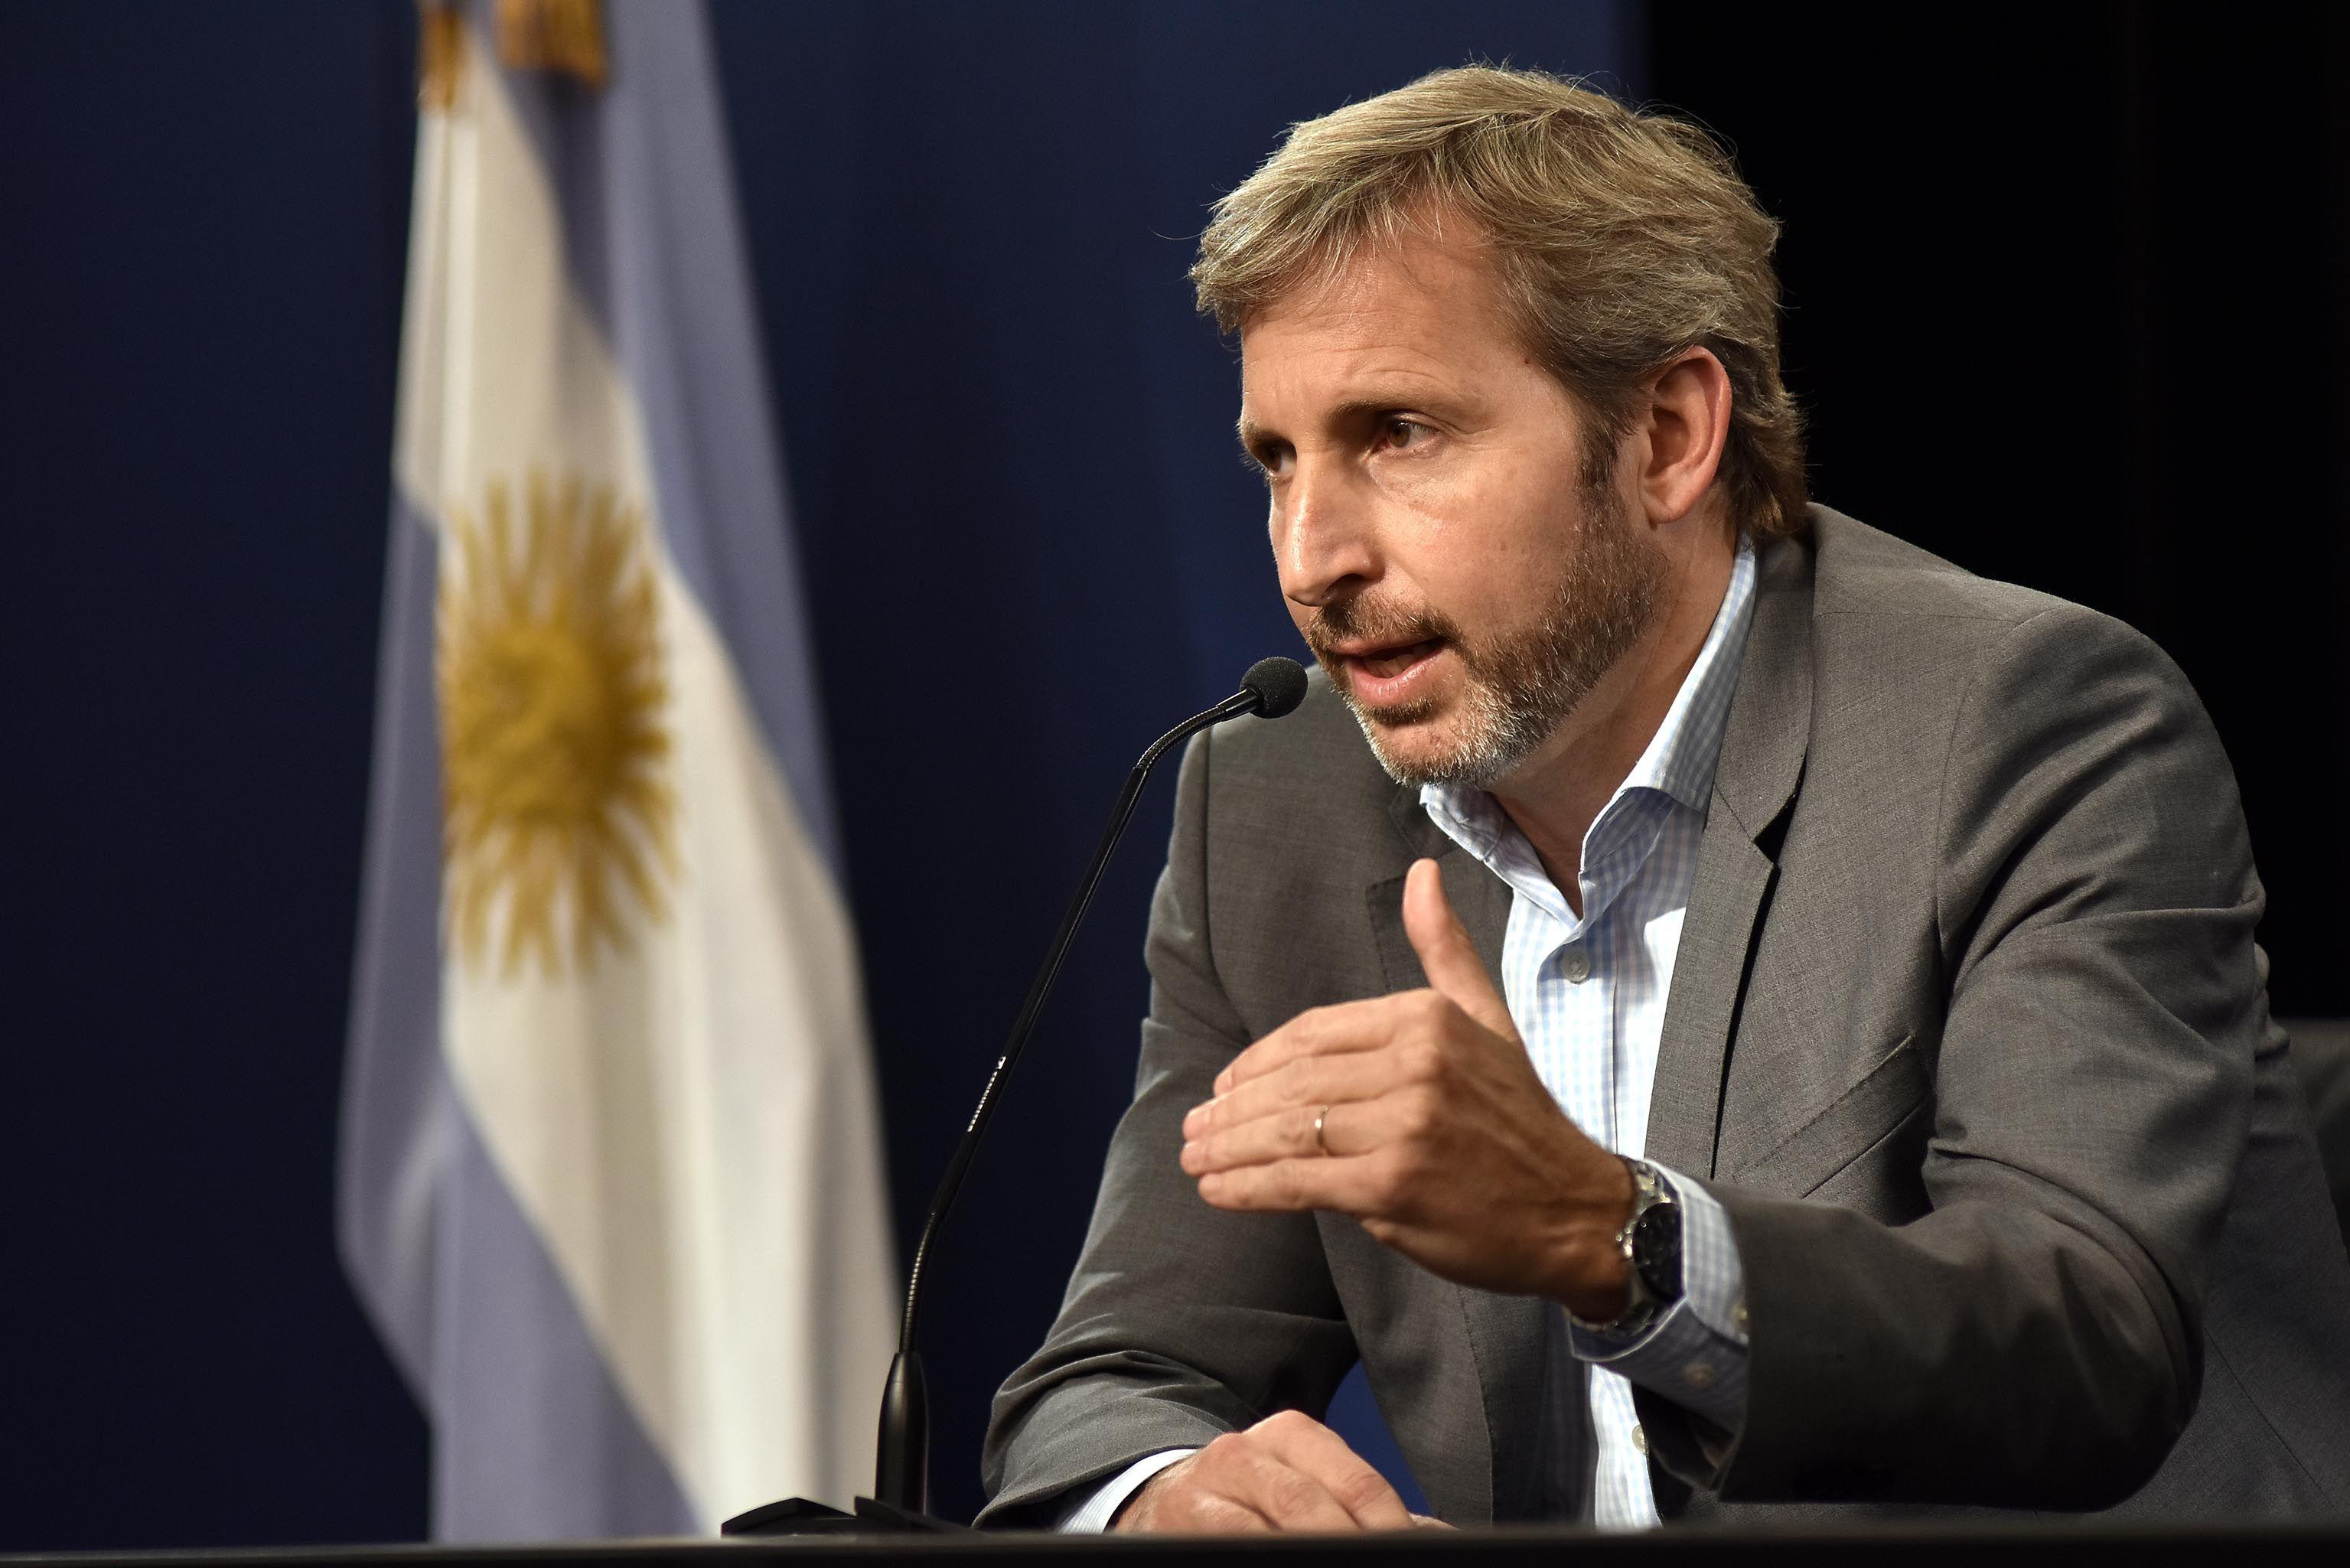 Frigerio: Hemos desactivado la bomba y estamos trabajando para poner al país de pie